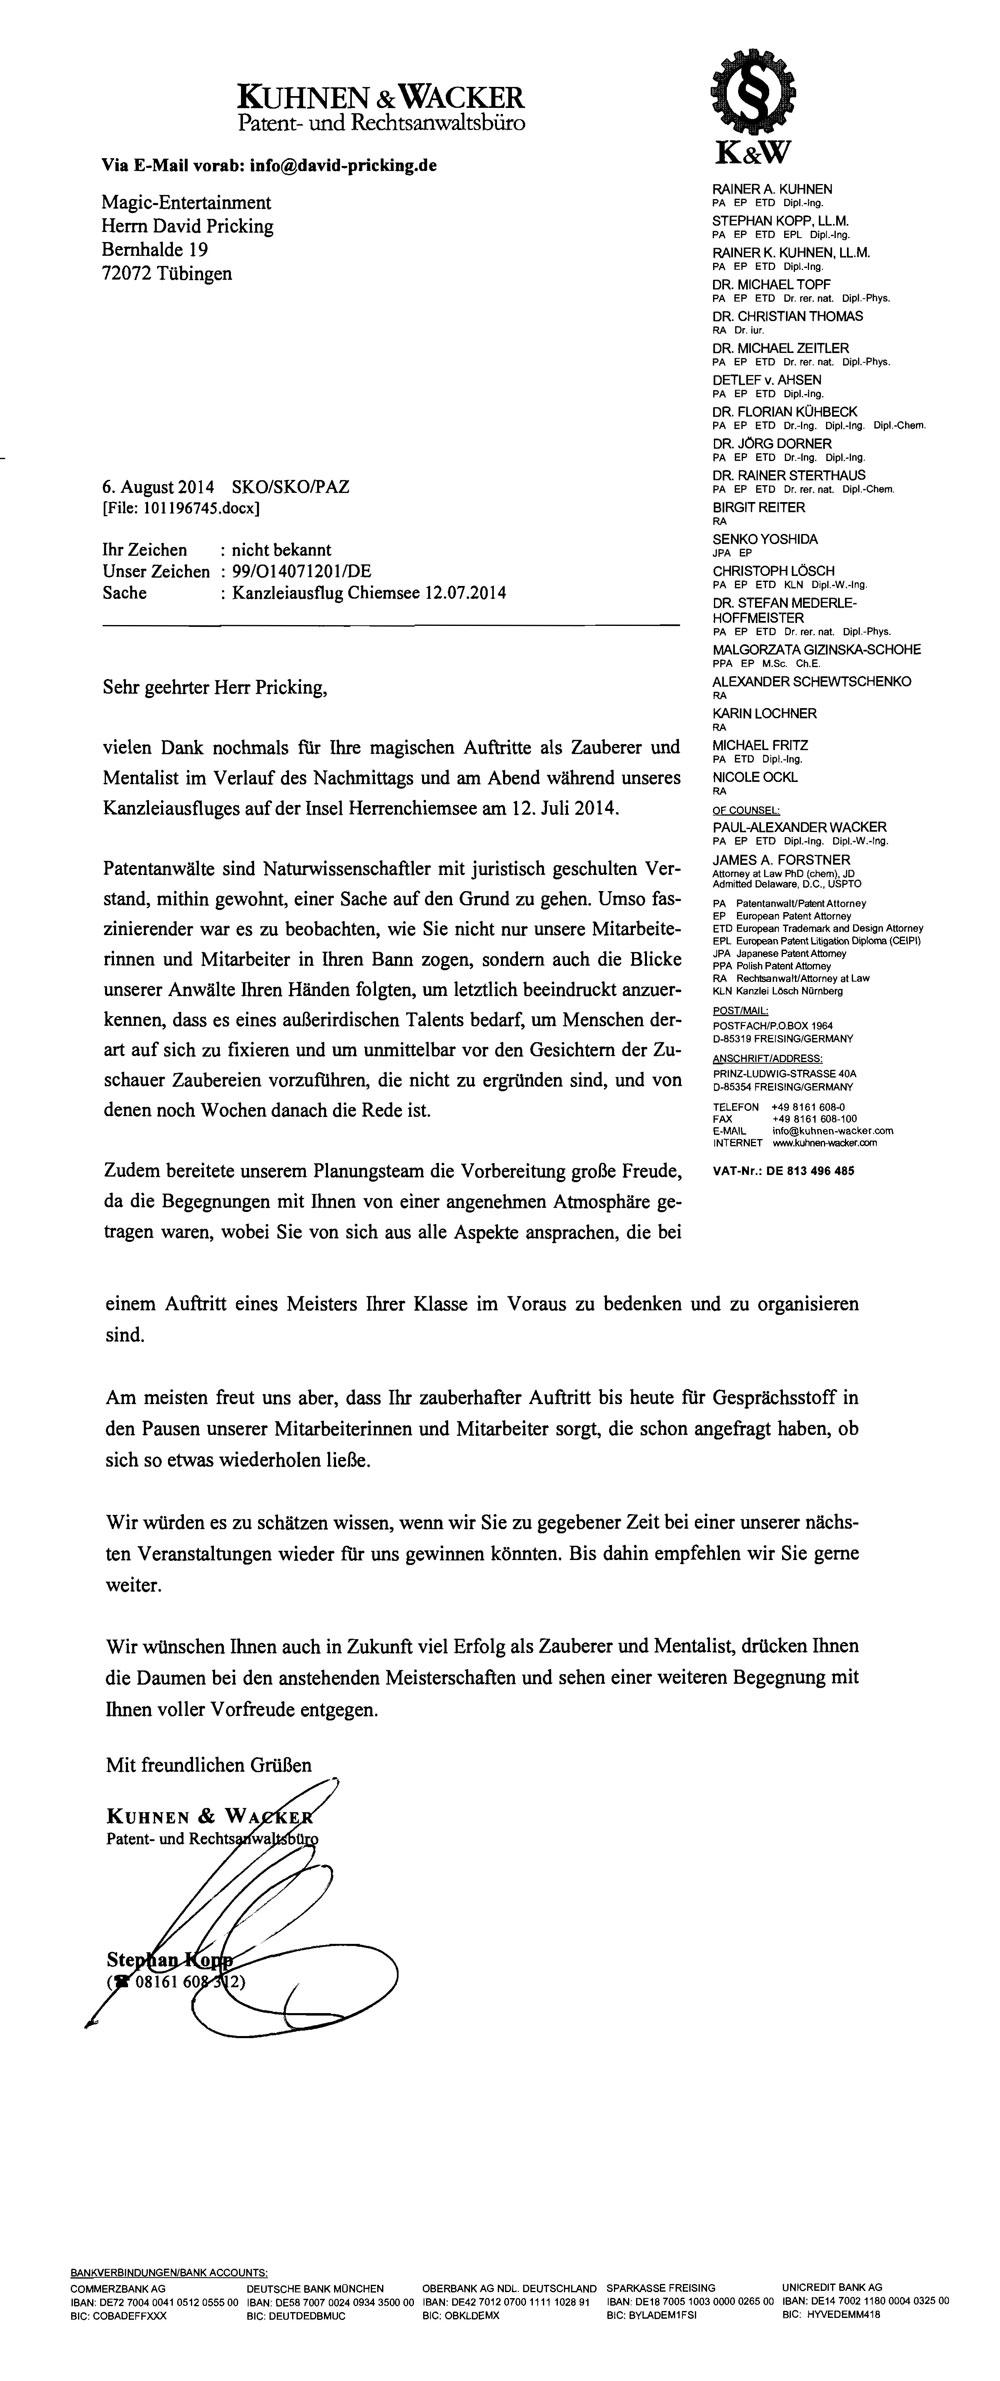 Referenz von Kuhnen und Wacker